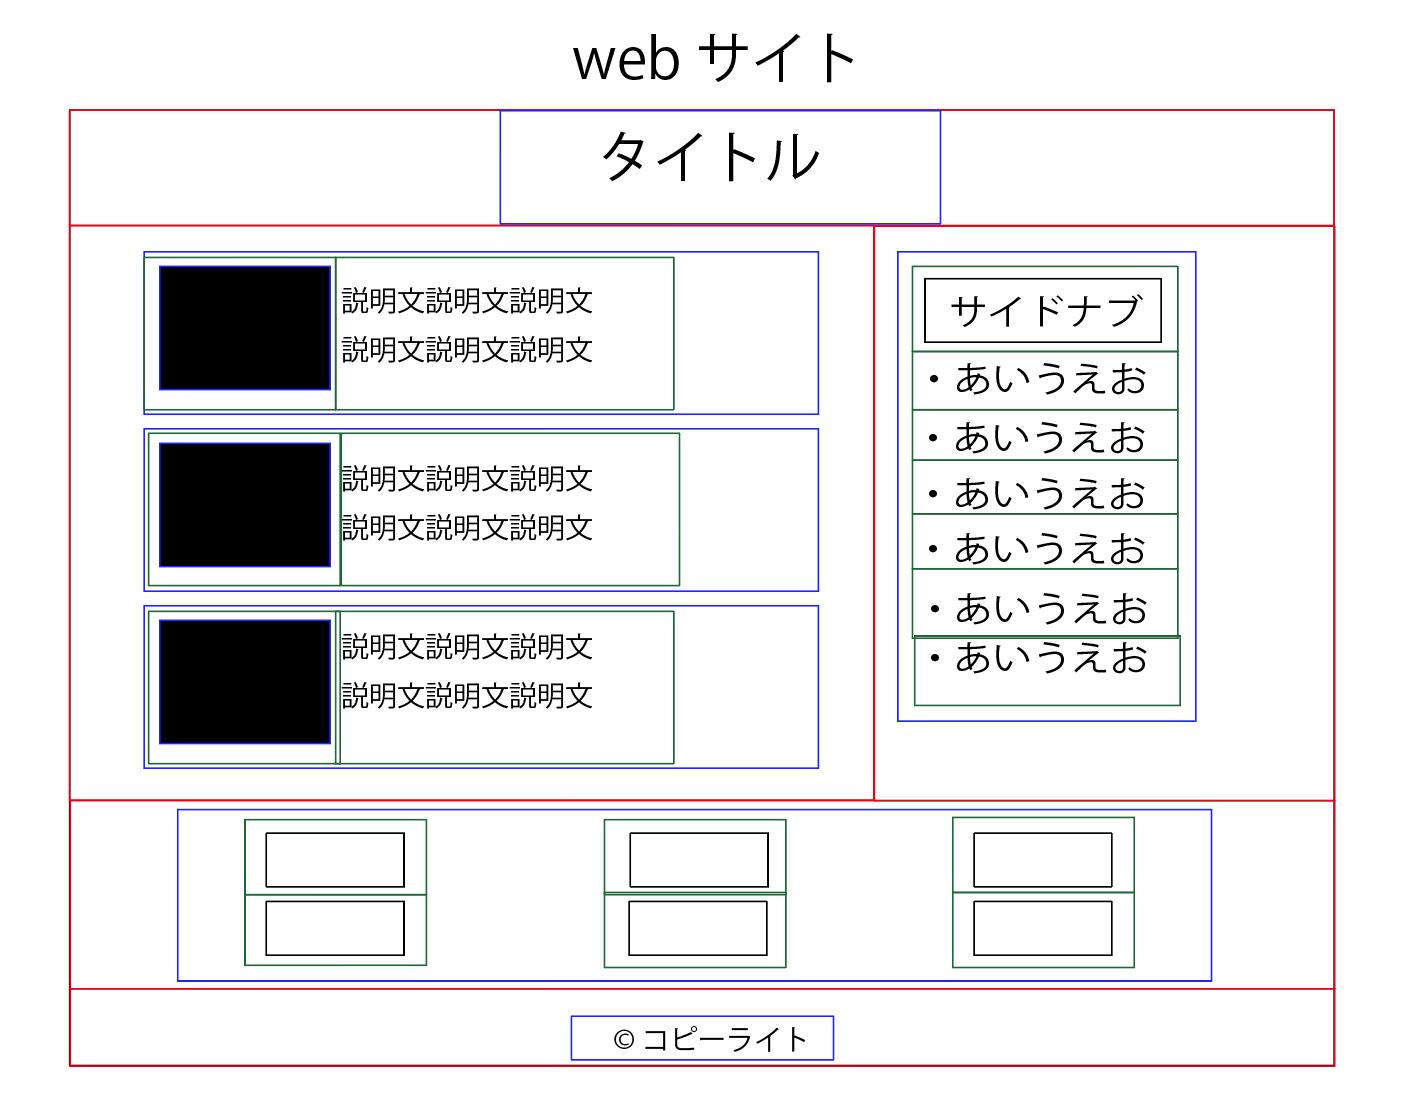 スクリーンショット 2020-03-23 12.34.38.png